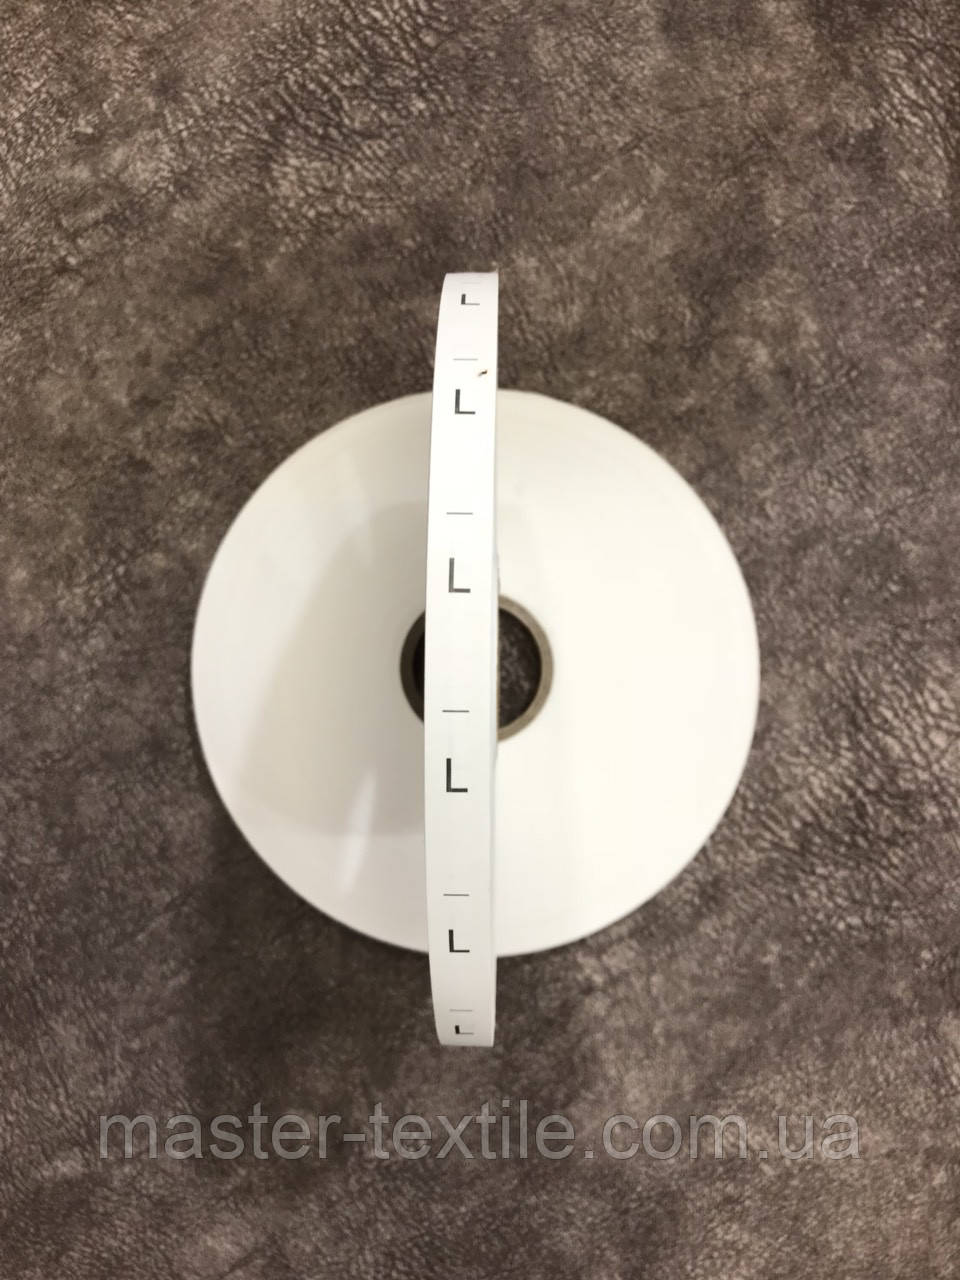 Размерник пришивной № L, 200 м